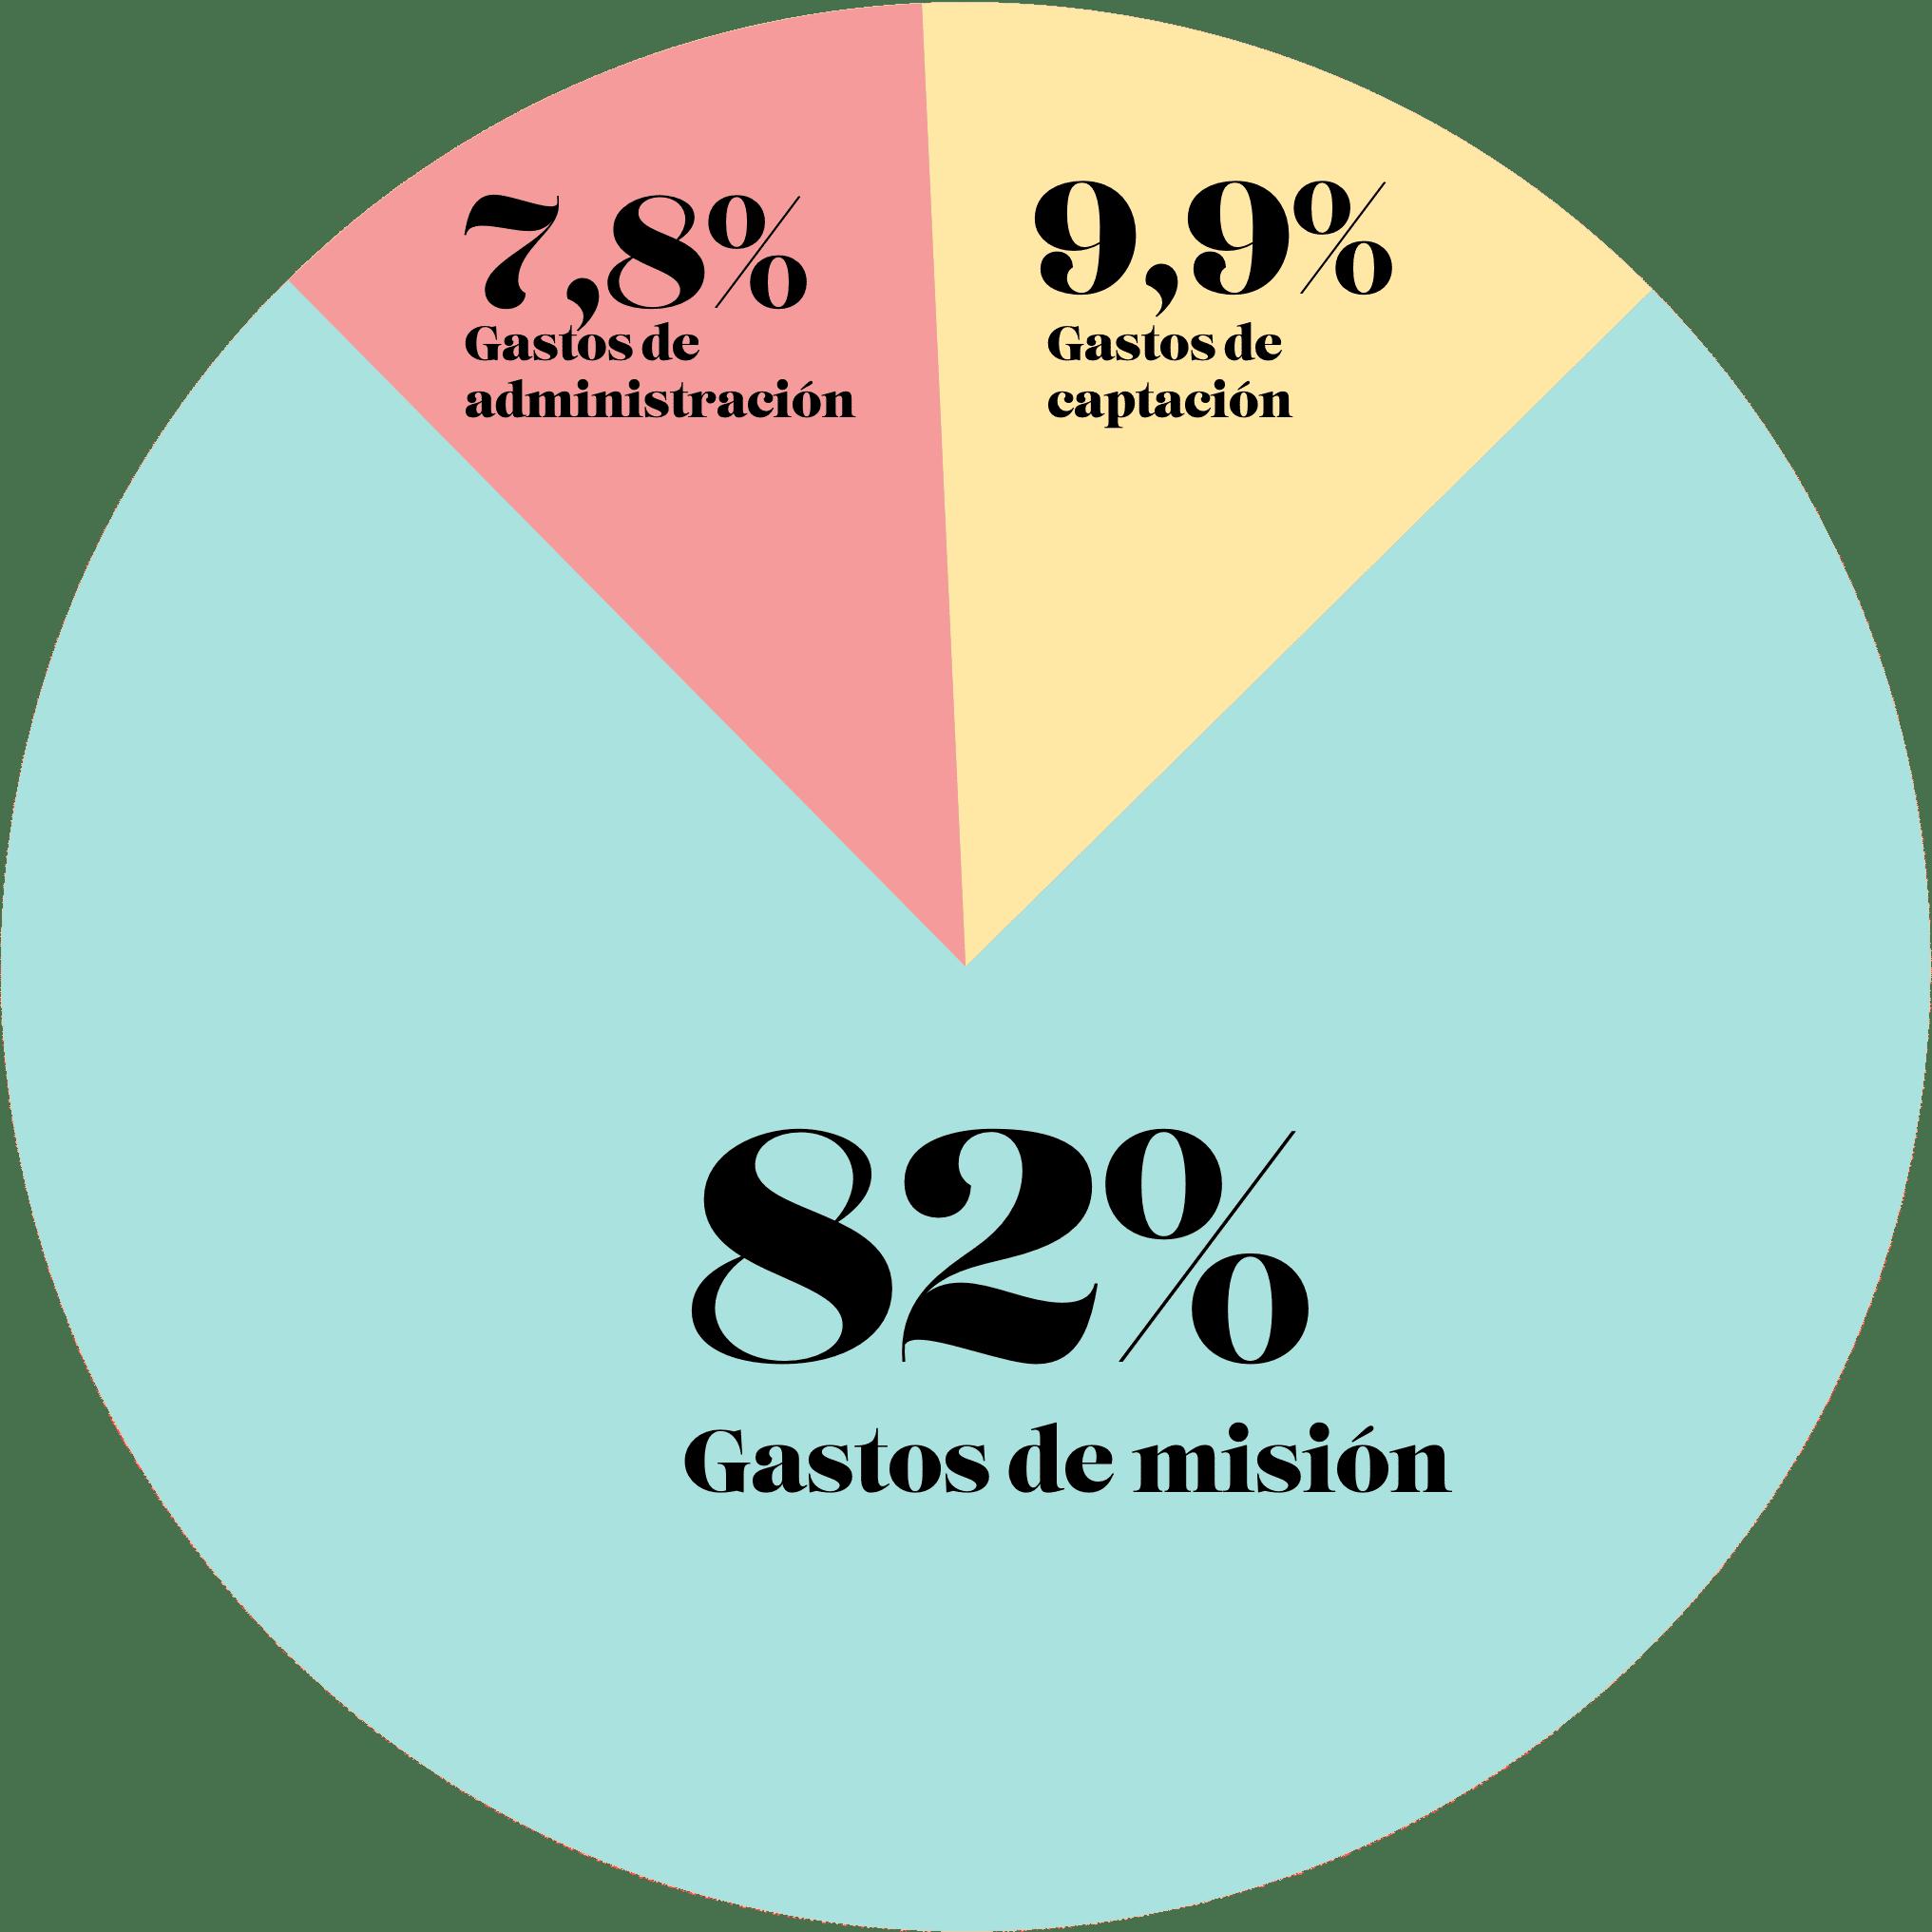 gráfico con el destino de los fondos. 82% a misión, 9,9% captación y 7,8% a administración